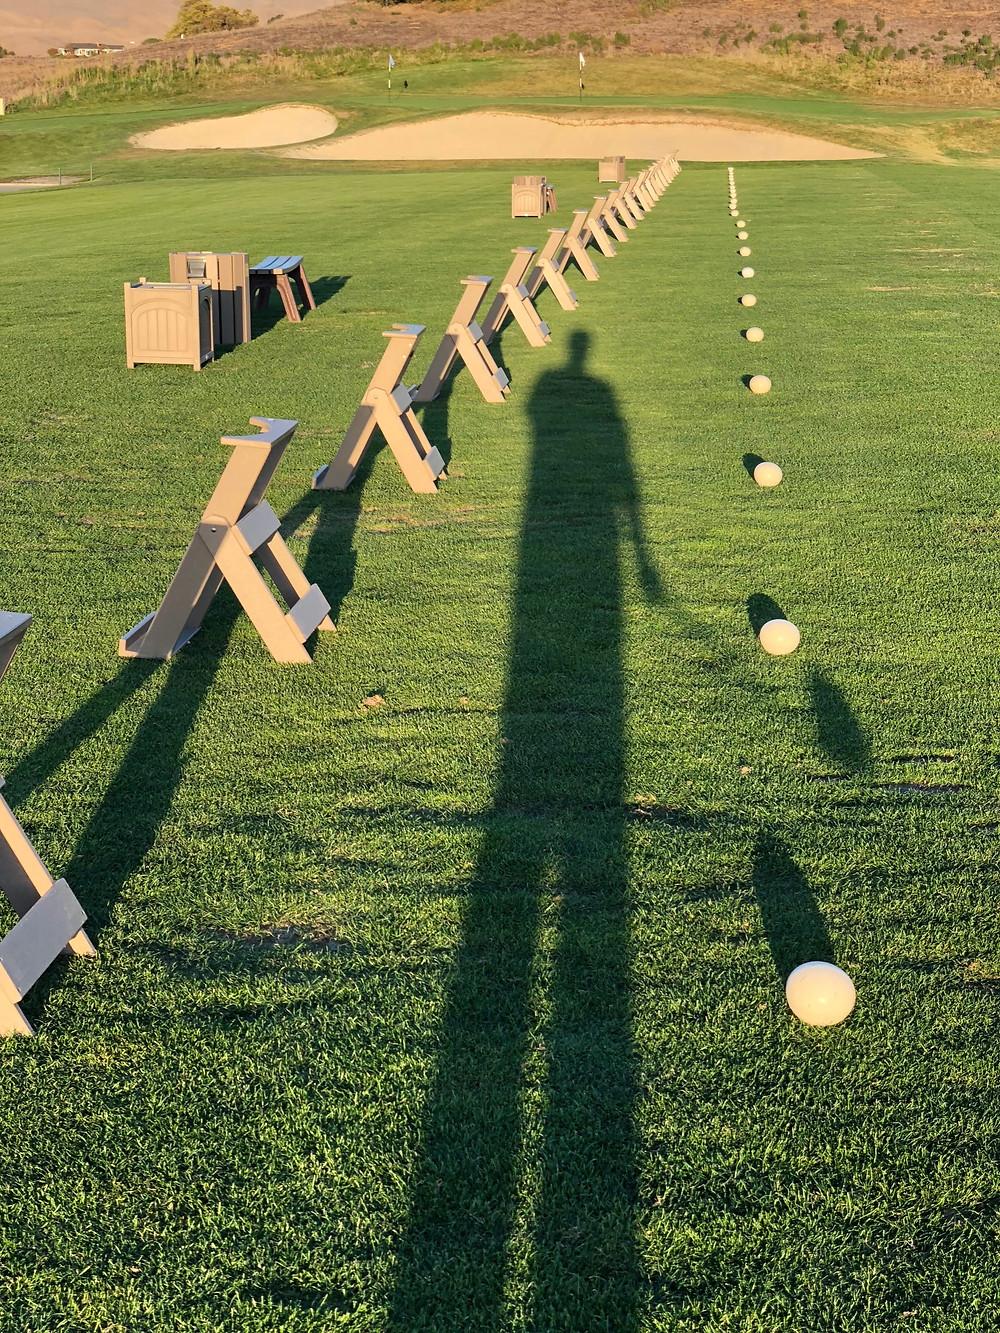 Poppy Ridge Practice facility